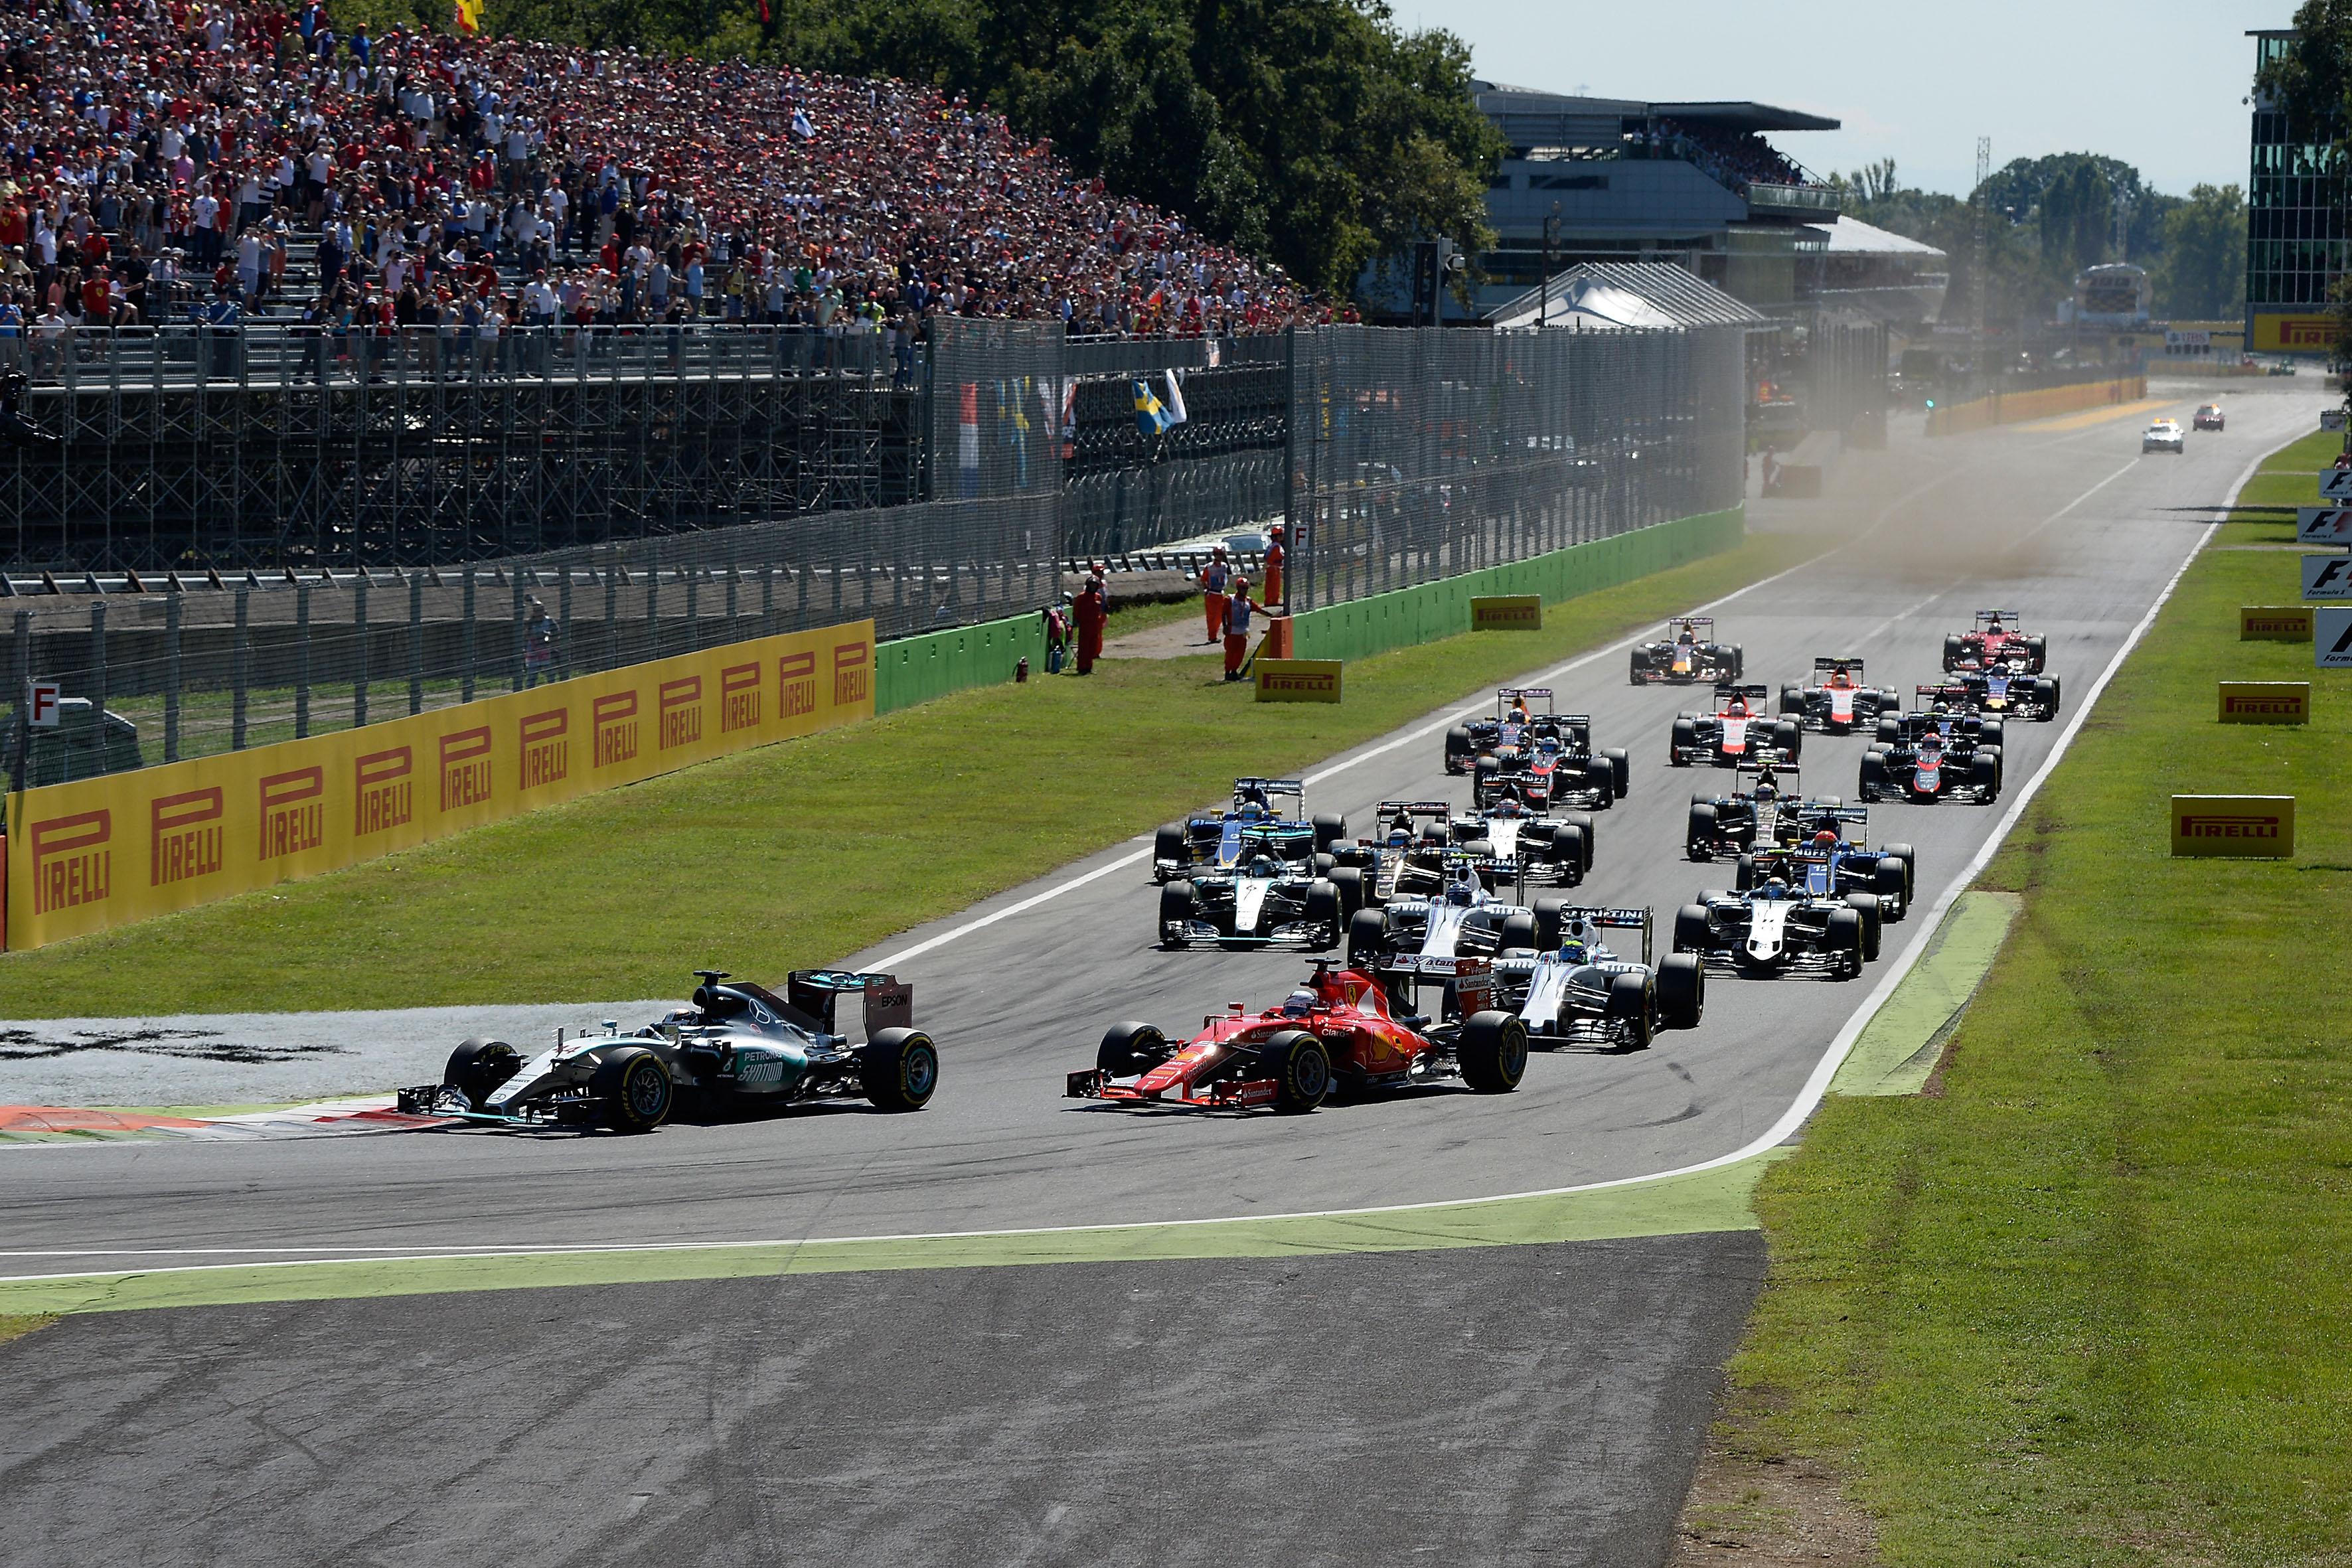 BangShift Formula e Might Dump The Italian Grand Prix At Monza